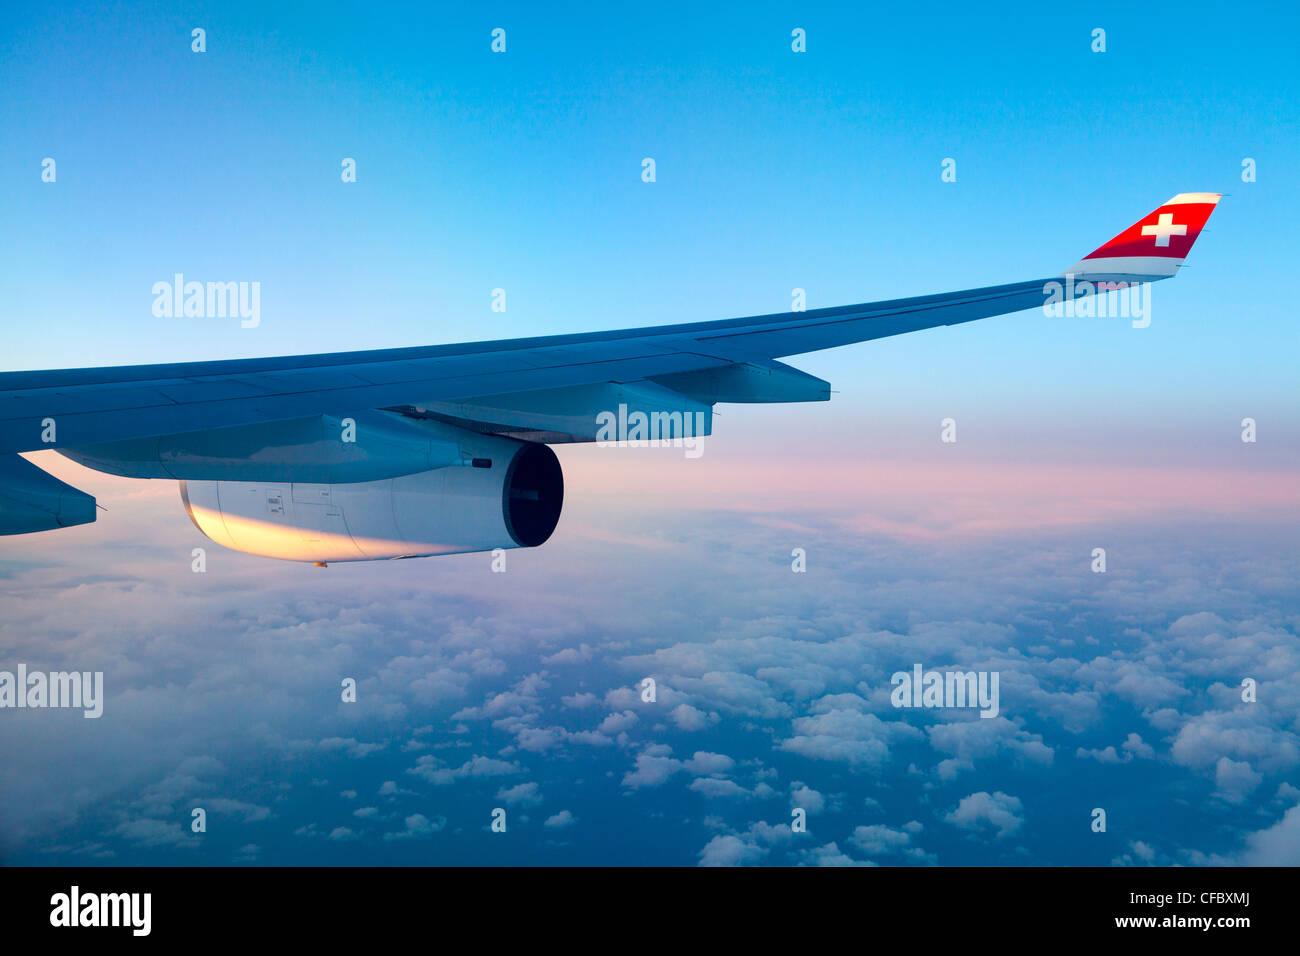 In aereo svizzero, ala, tramonto, nuvole, croce, motore, volo, Volano motore, piano, tramonto, viaggi, ala, concetti Immagini Stock